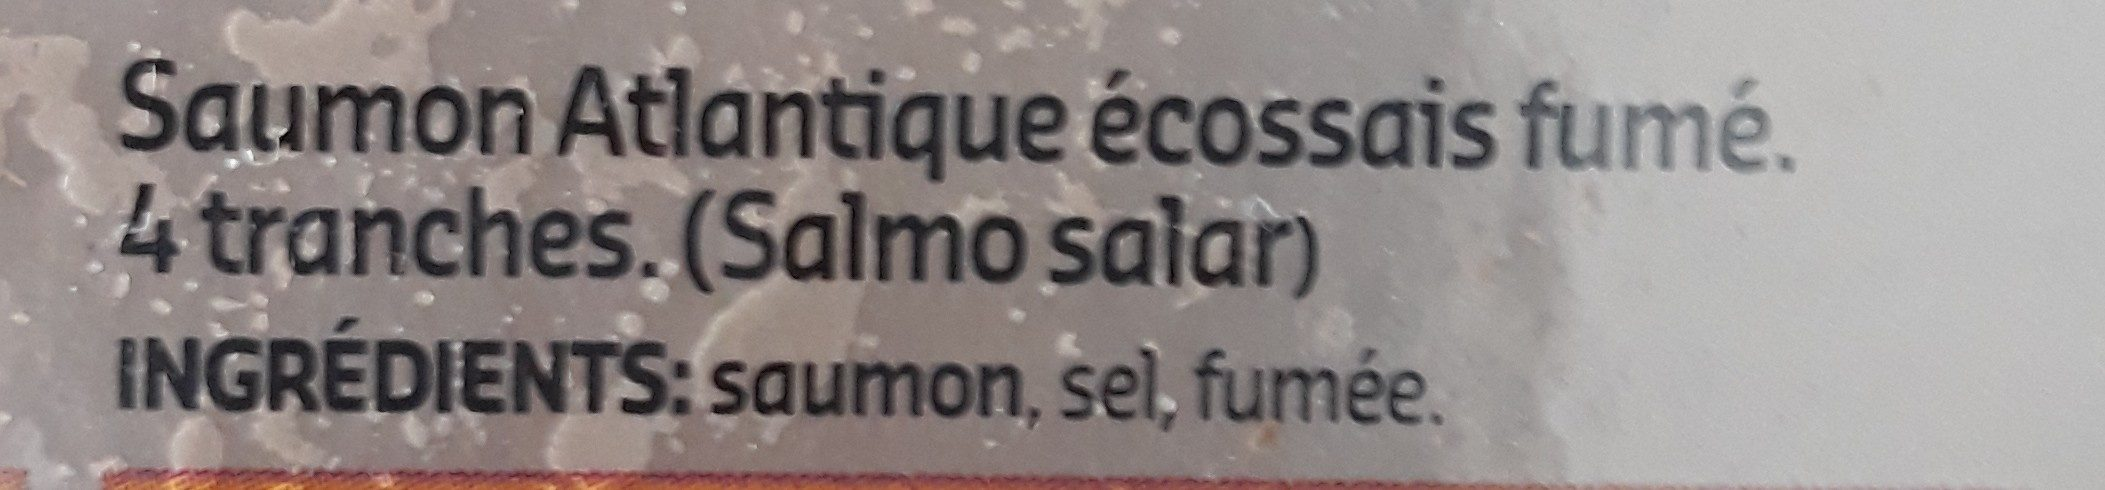 Saumon fumé Écosse - Ingrédients - fr